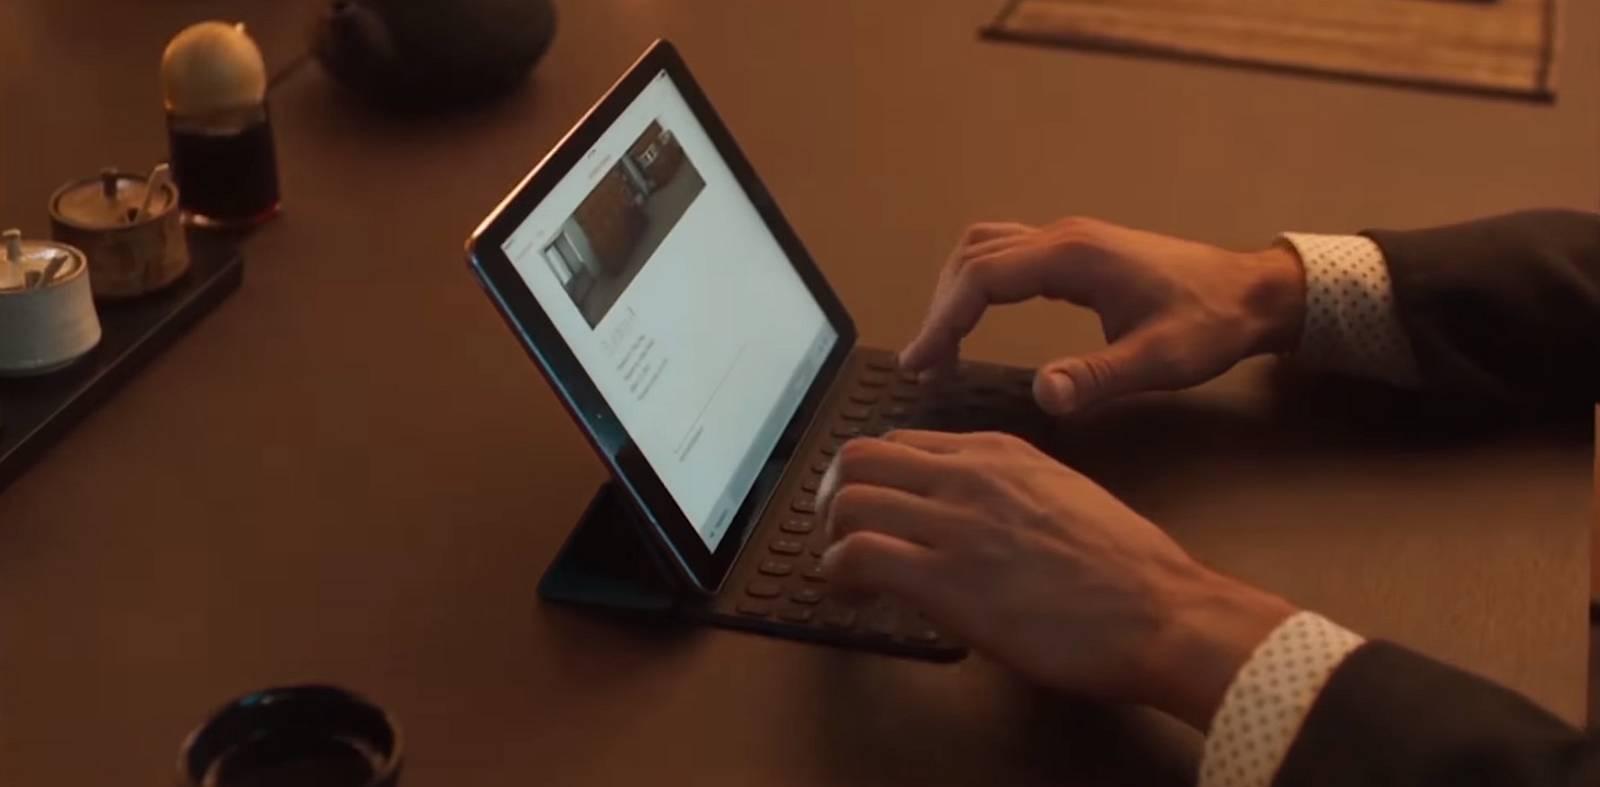 Photo of Da, zvonurile s-au adeverit: ultimul update de iOS brick-uieste iPad-urile!